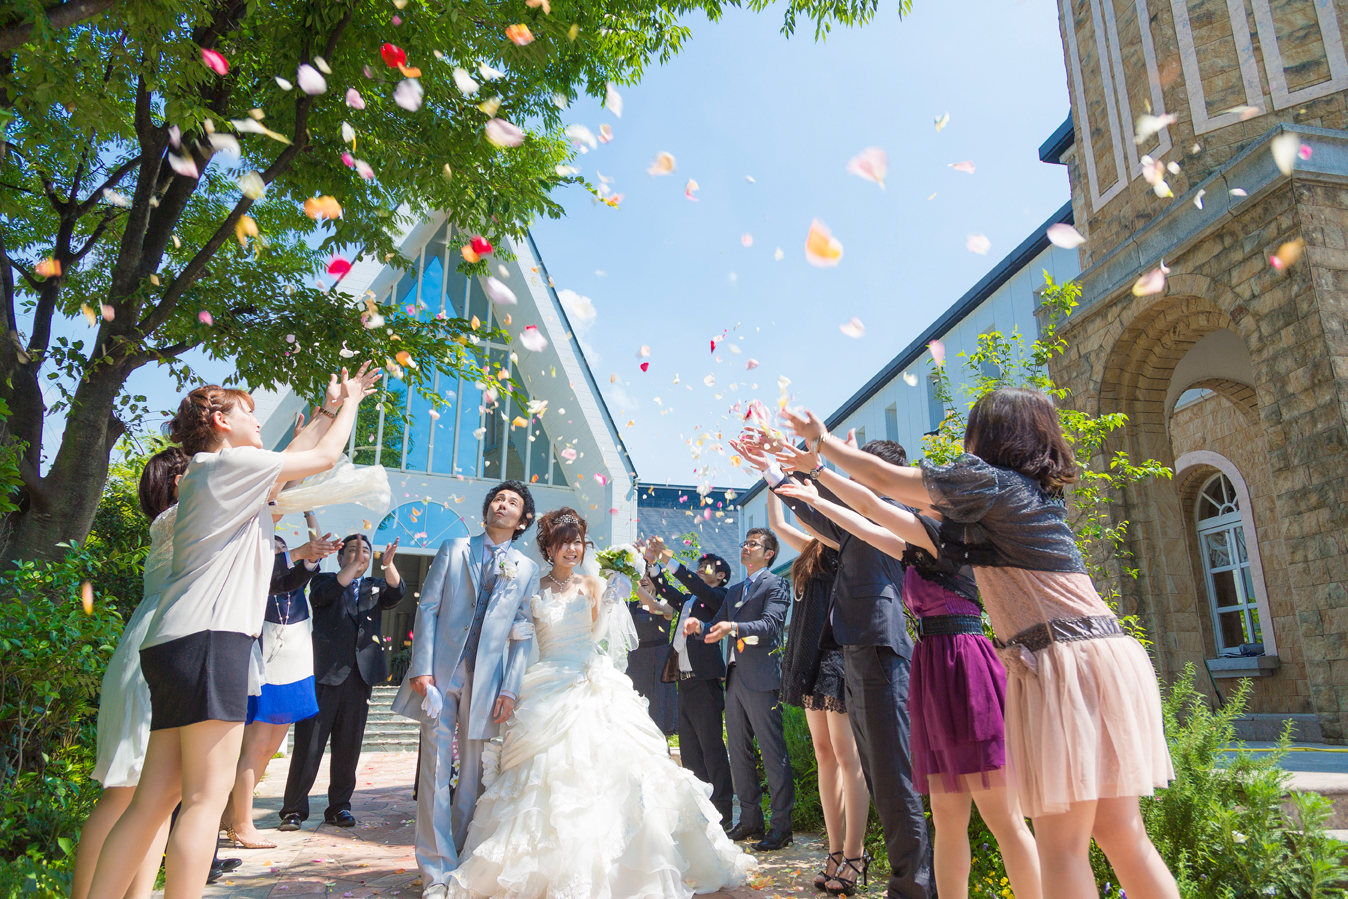 色とりどりのフラワーシャワーは花嫁をもっと可愛く見せてくれるセレモニー   愛媛県西条市の結婚式場ベルフォーレ西条